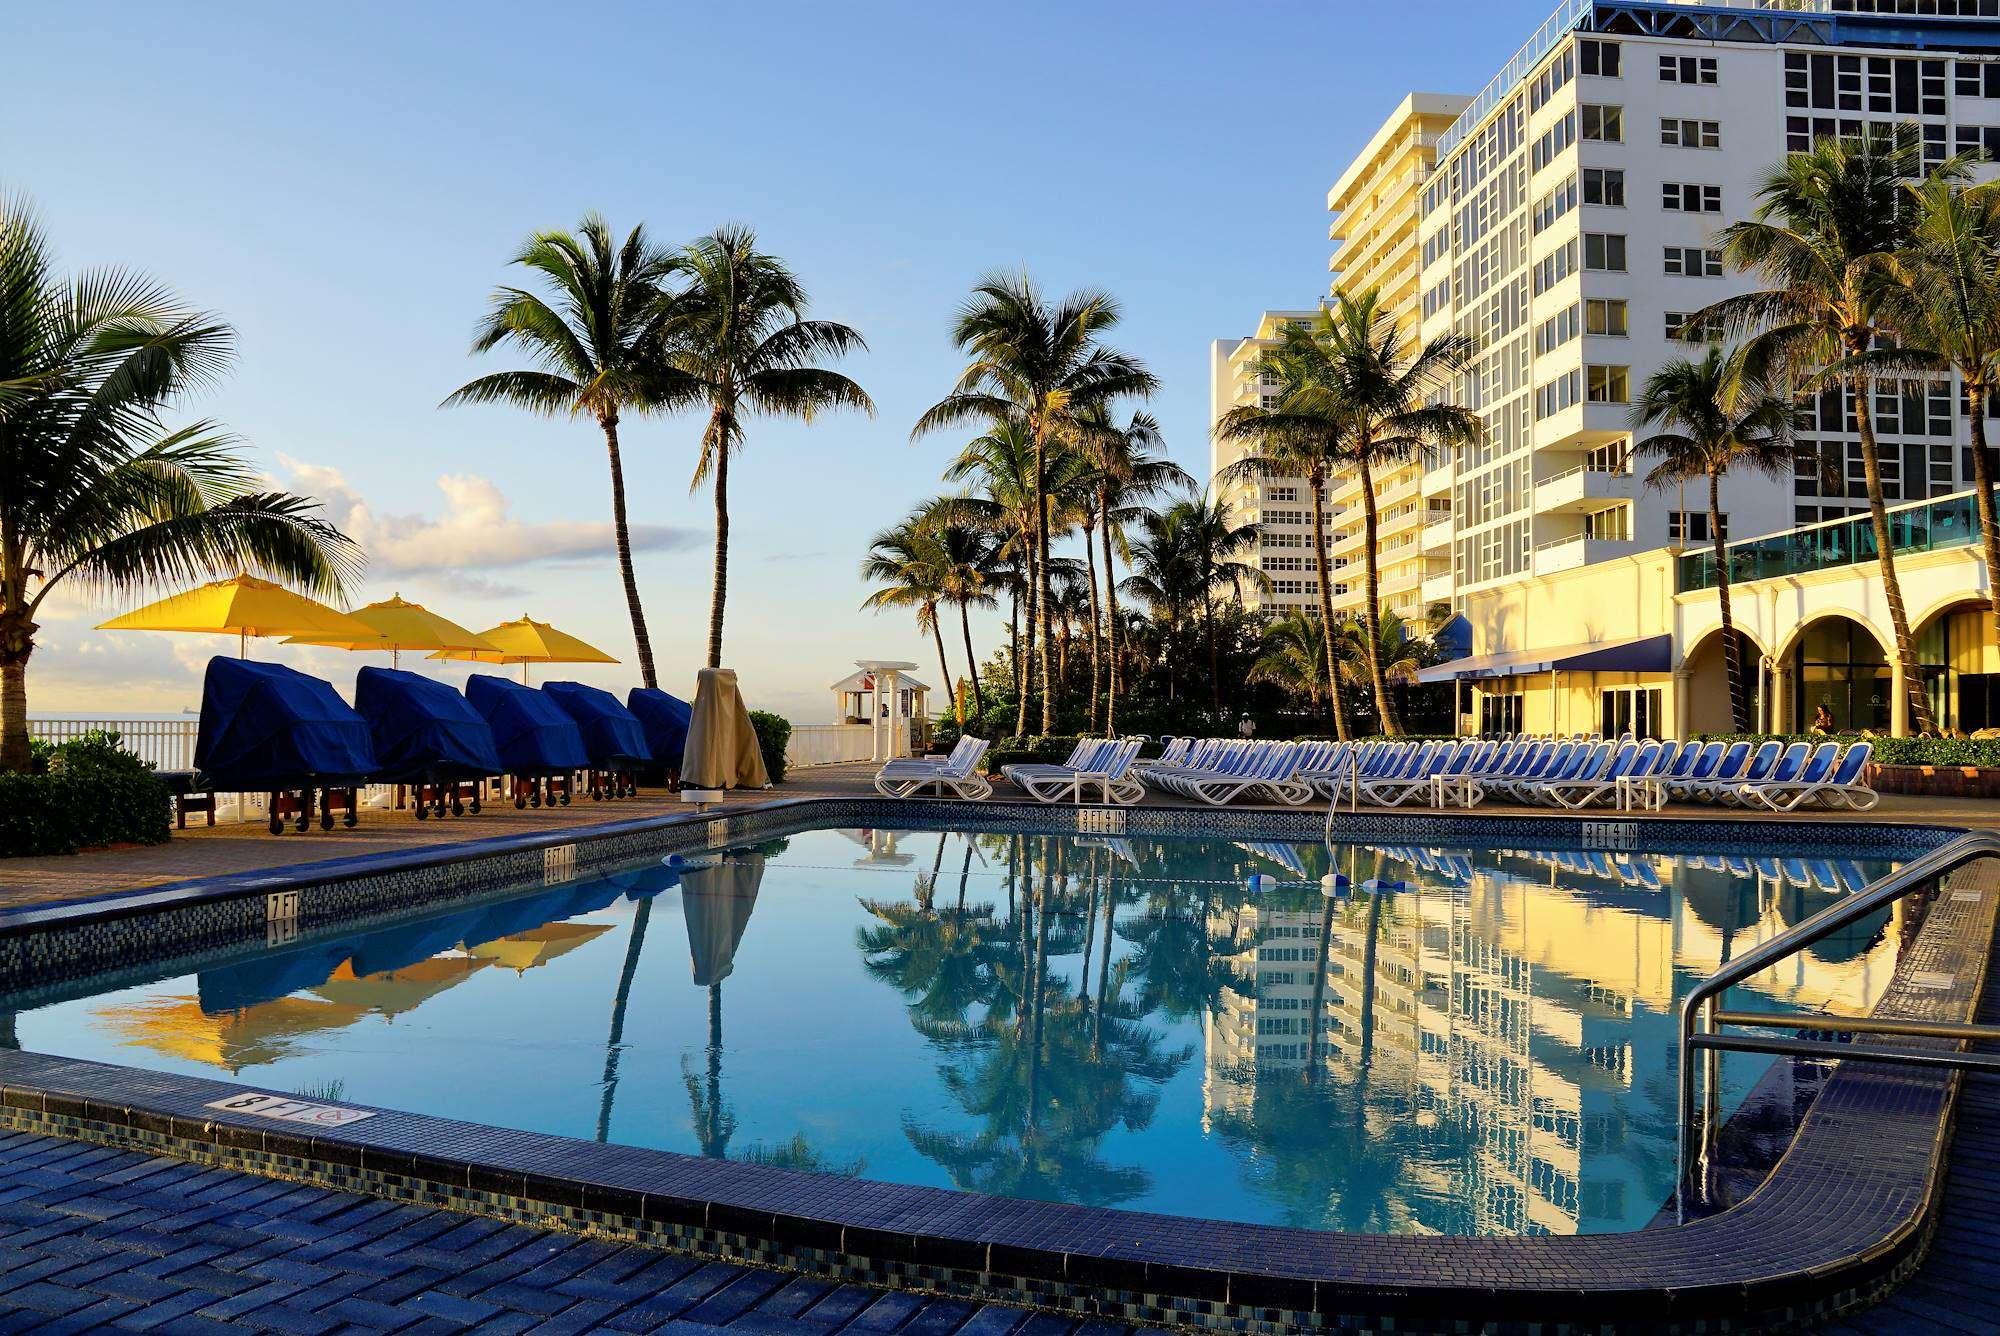 Ocean Sky Hotel-  Pool Deck